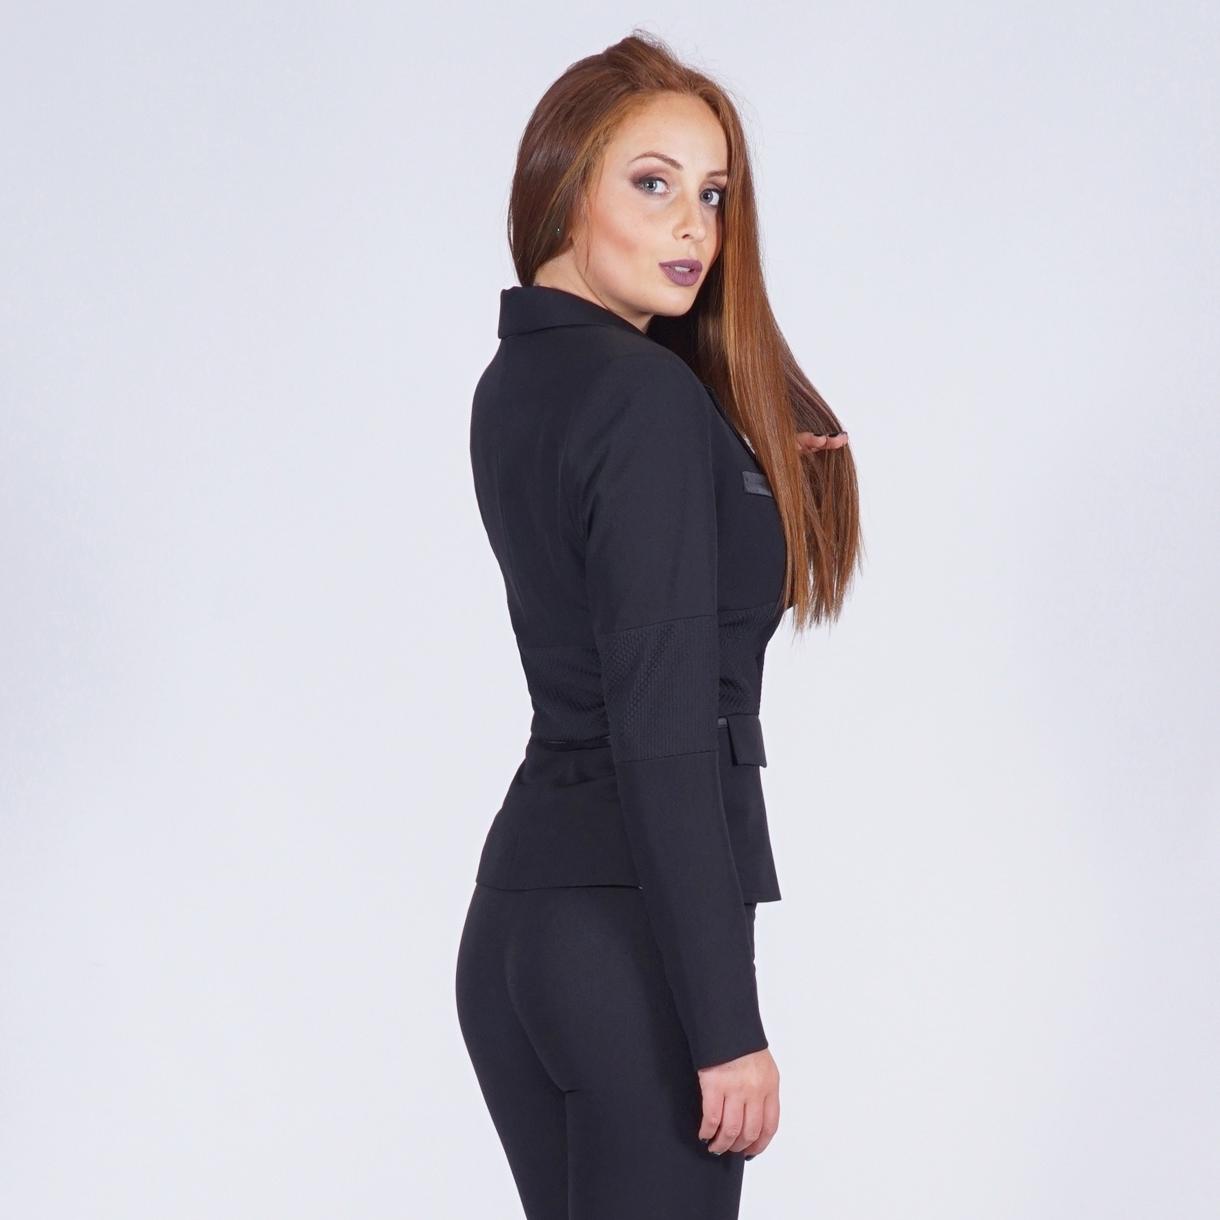 Tailleur femme classique en noir